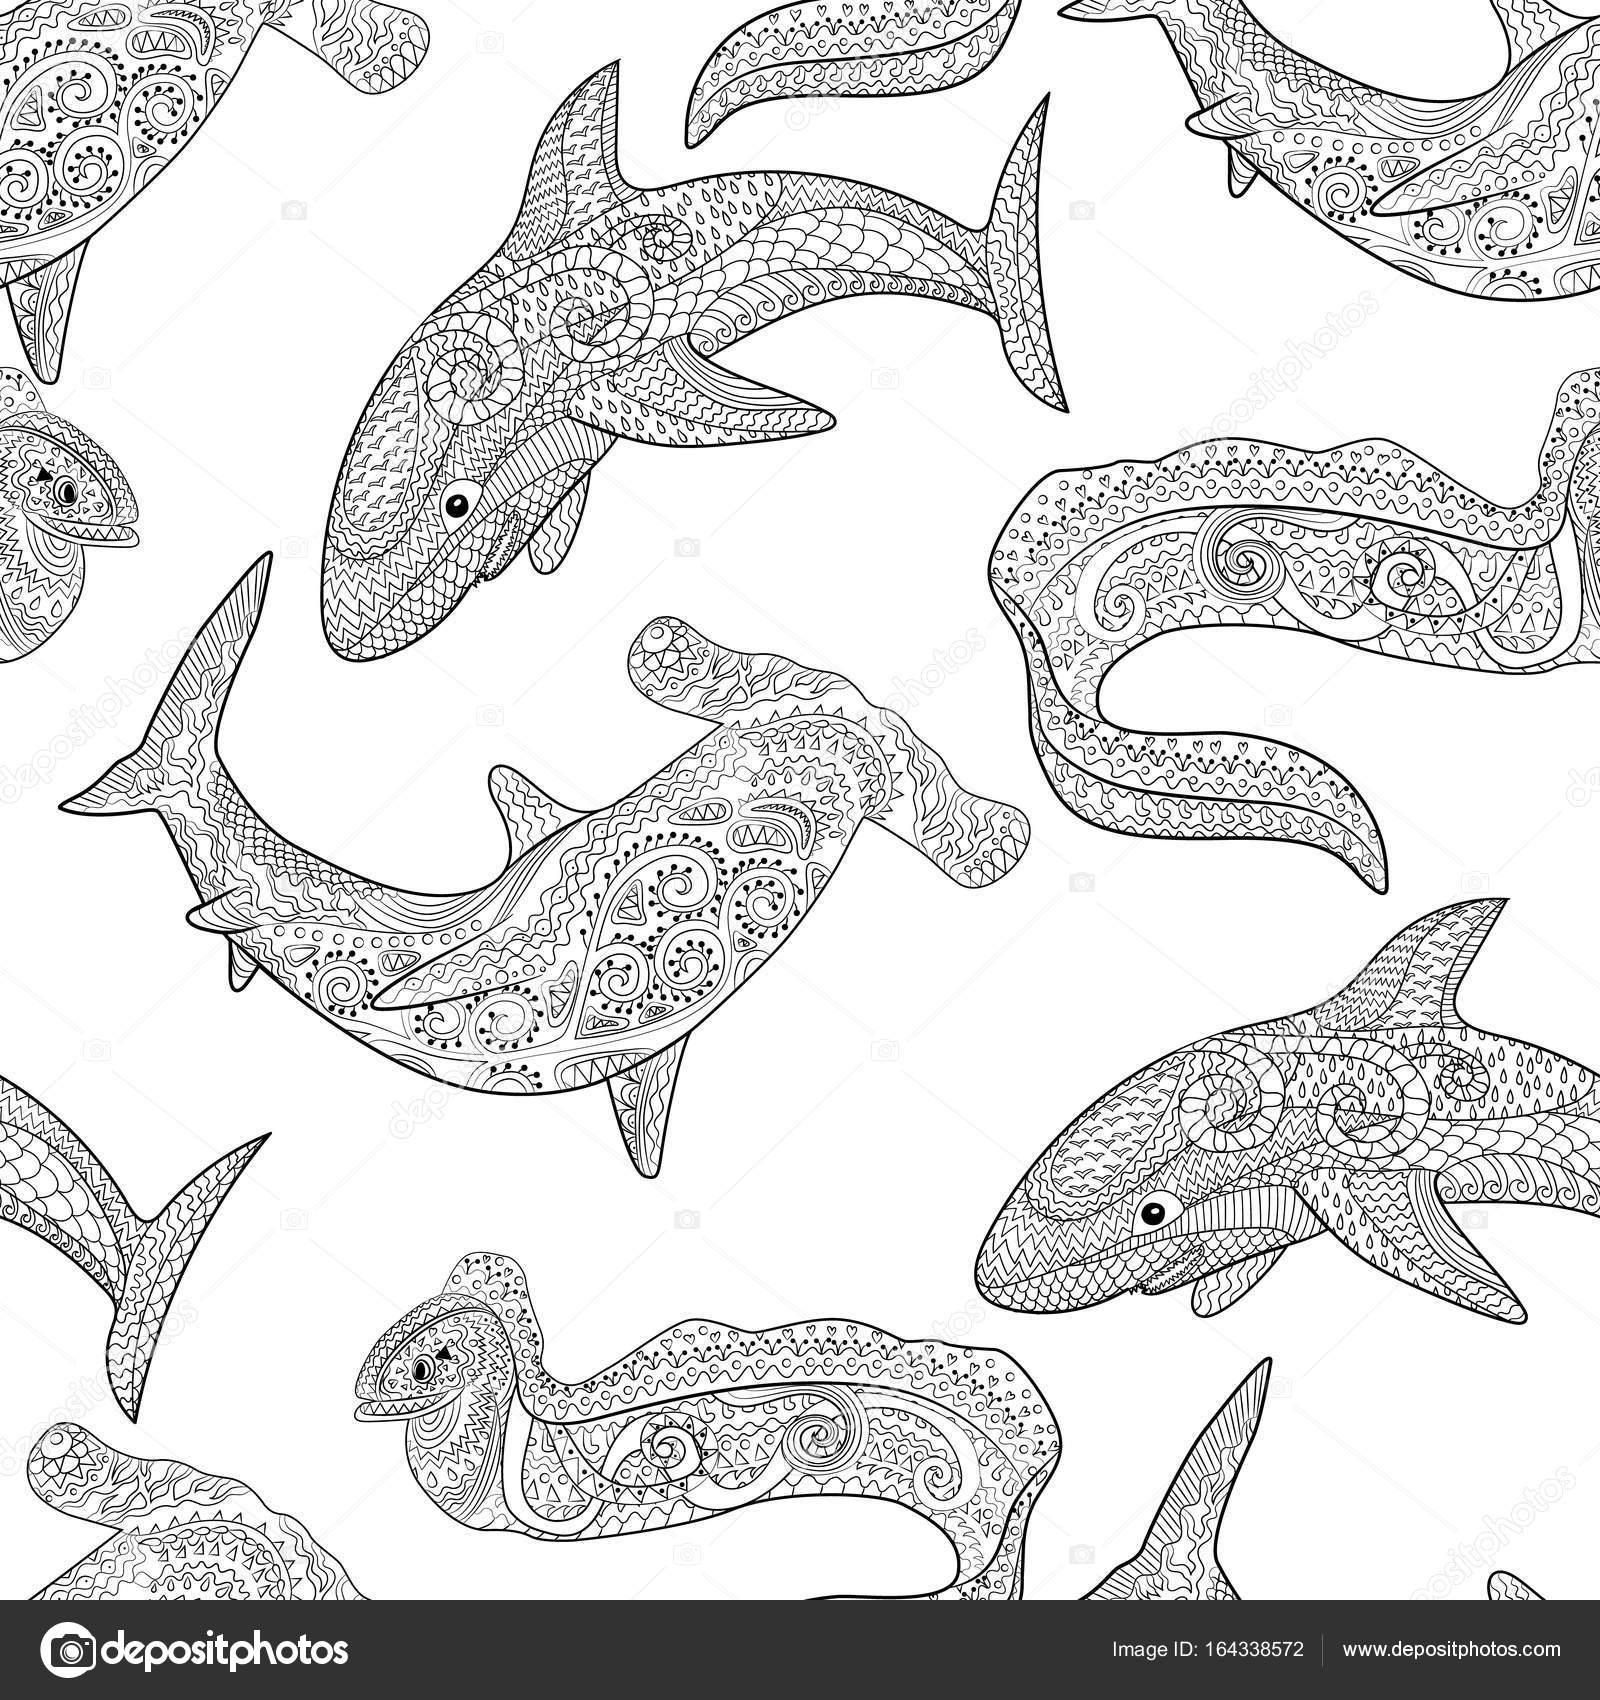 Ozeanische Tiere Zentangle nahtlose Muster — Stockvektor ...